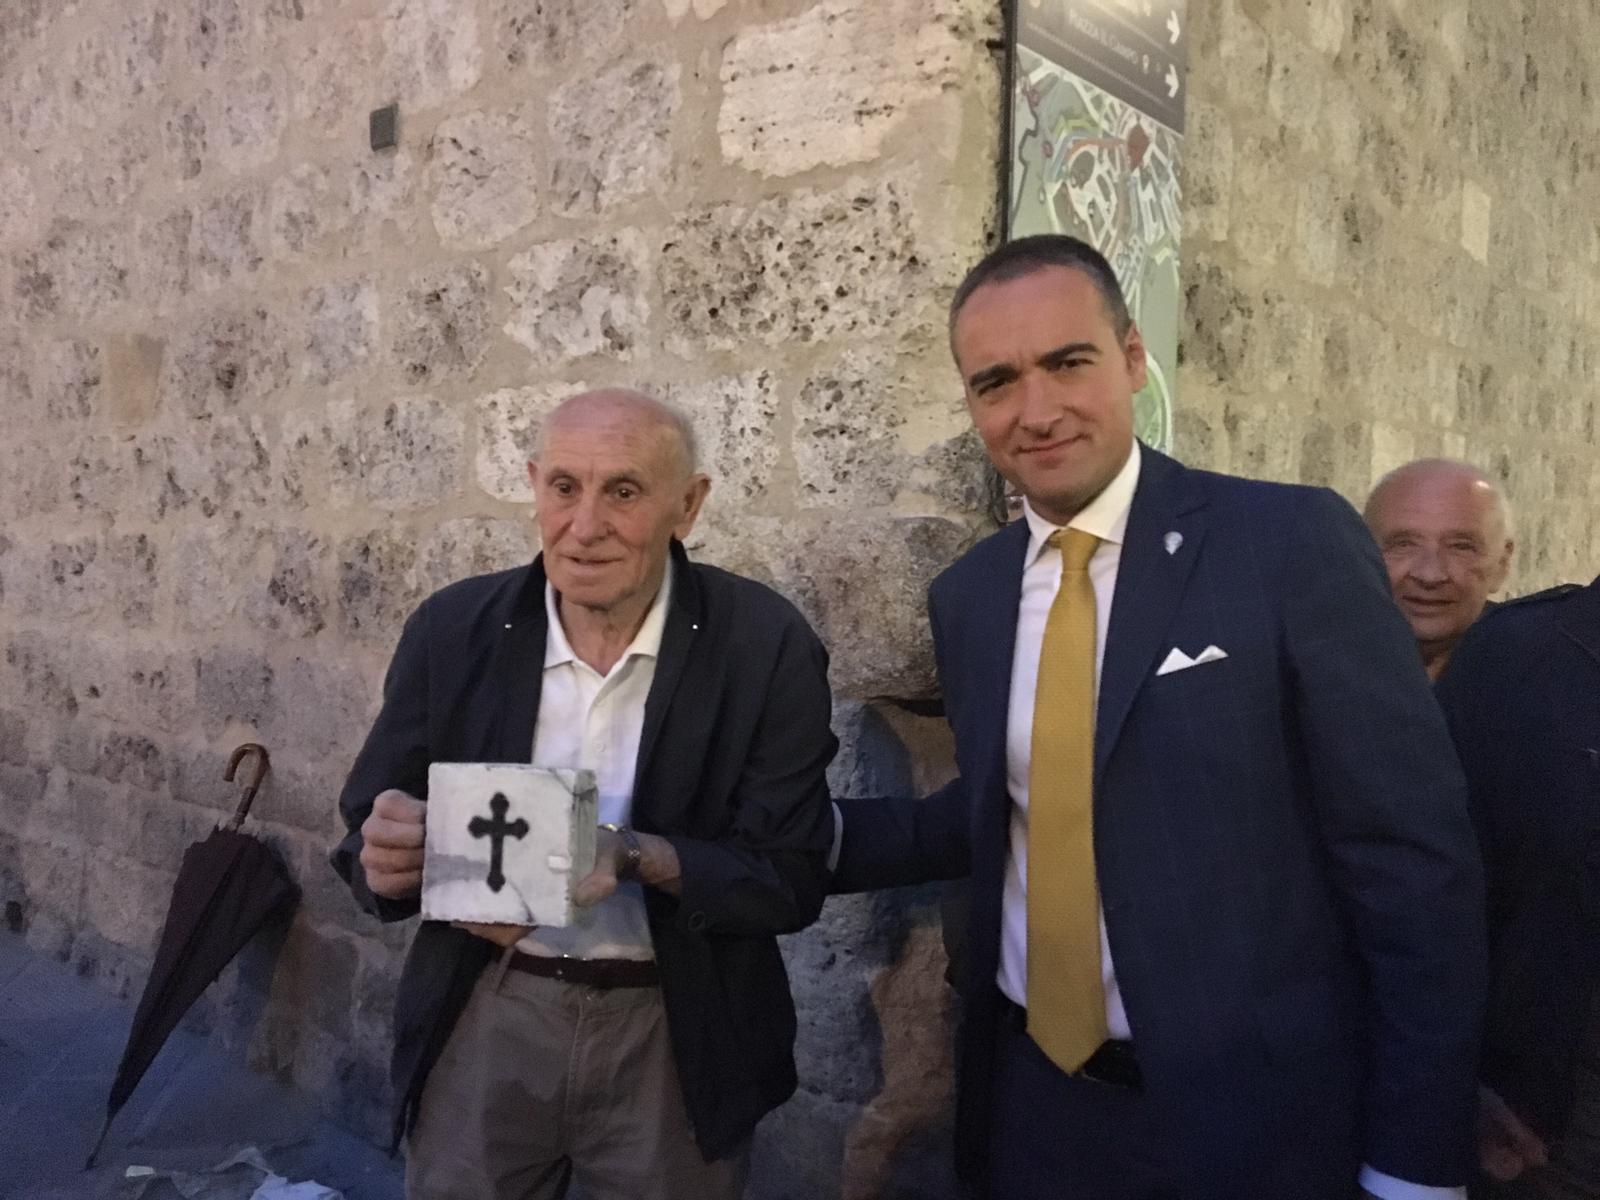 La Nobile Contrada dell'Aquila recupera una memoria di Siena: la pietra di Niccolò Borghesi ripristinata ai Quattro Cantoni